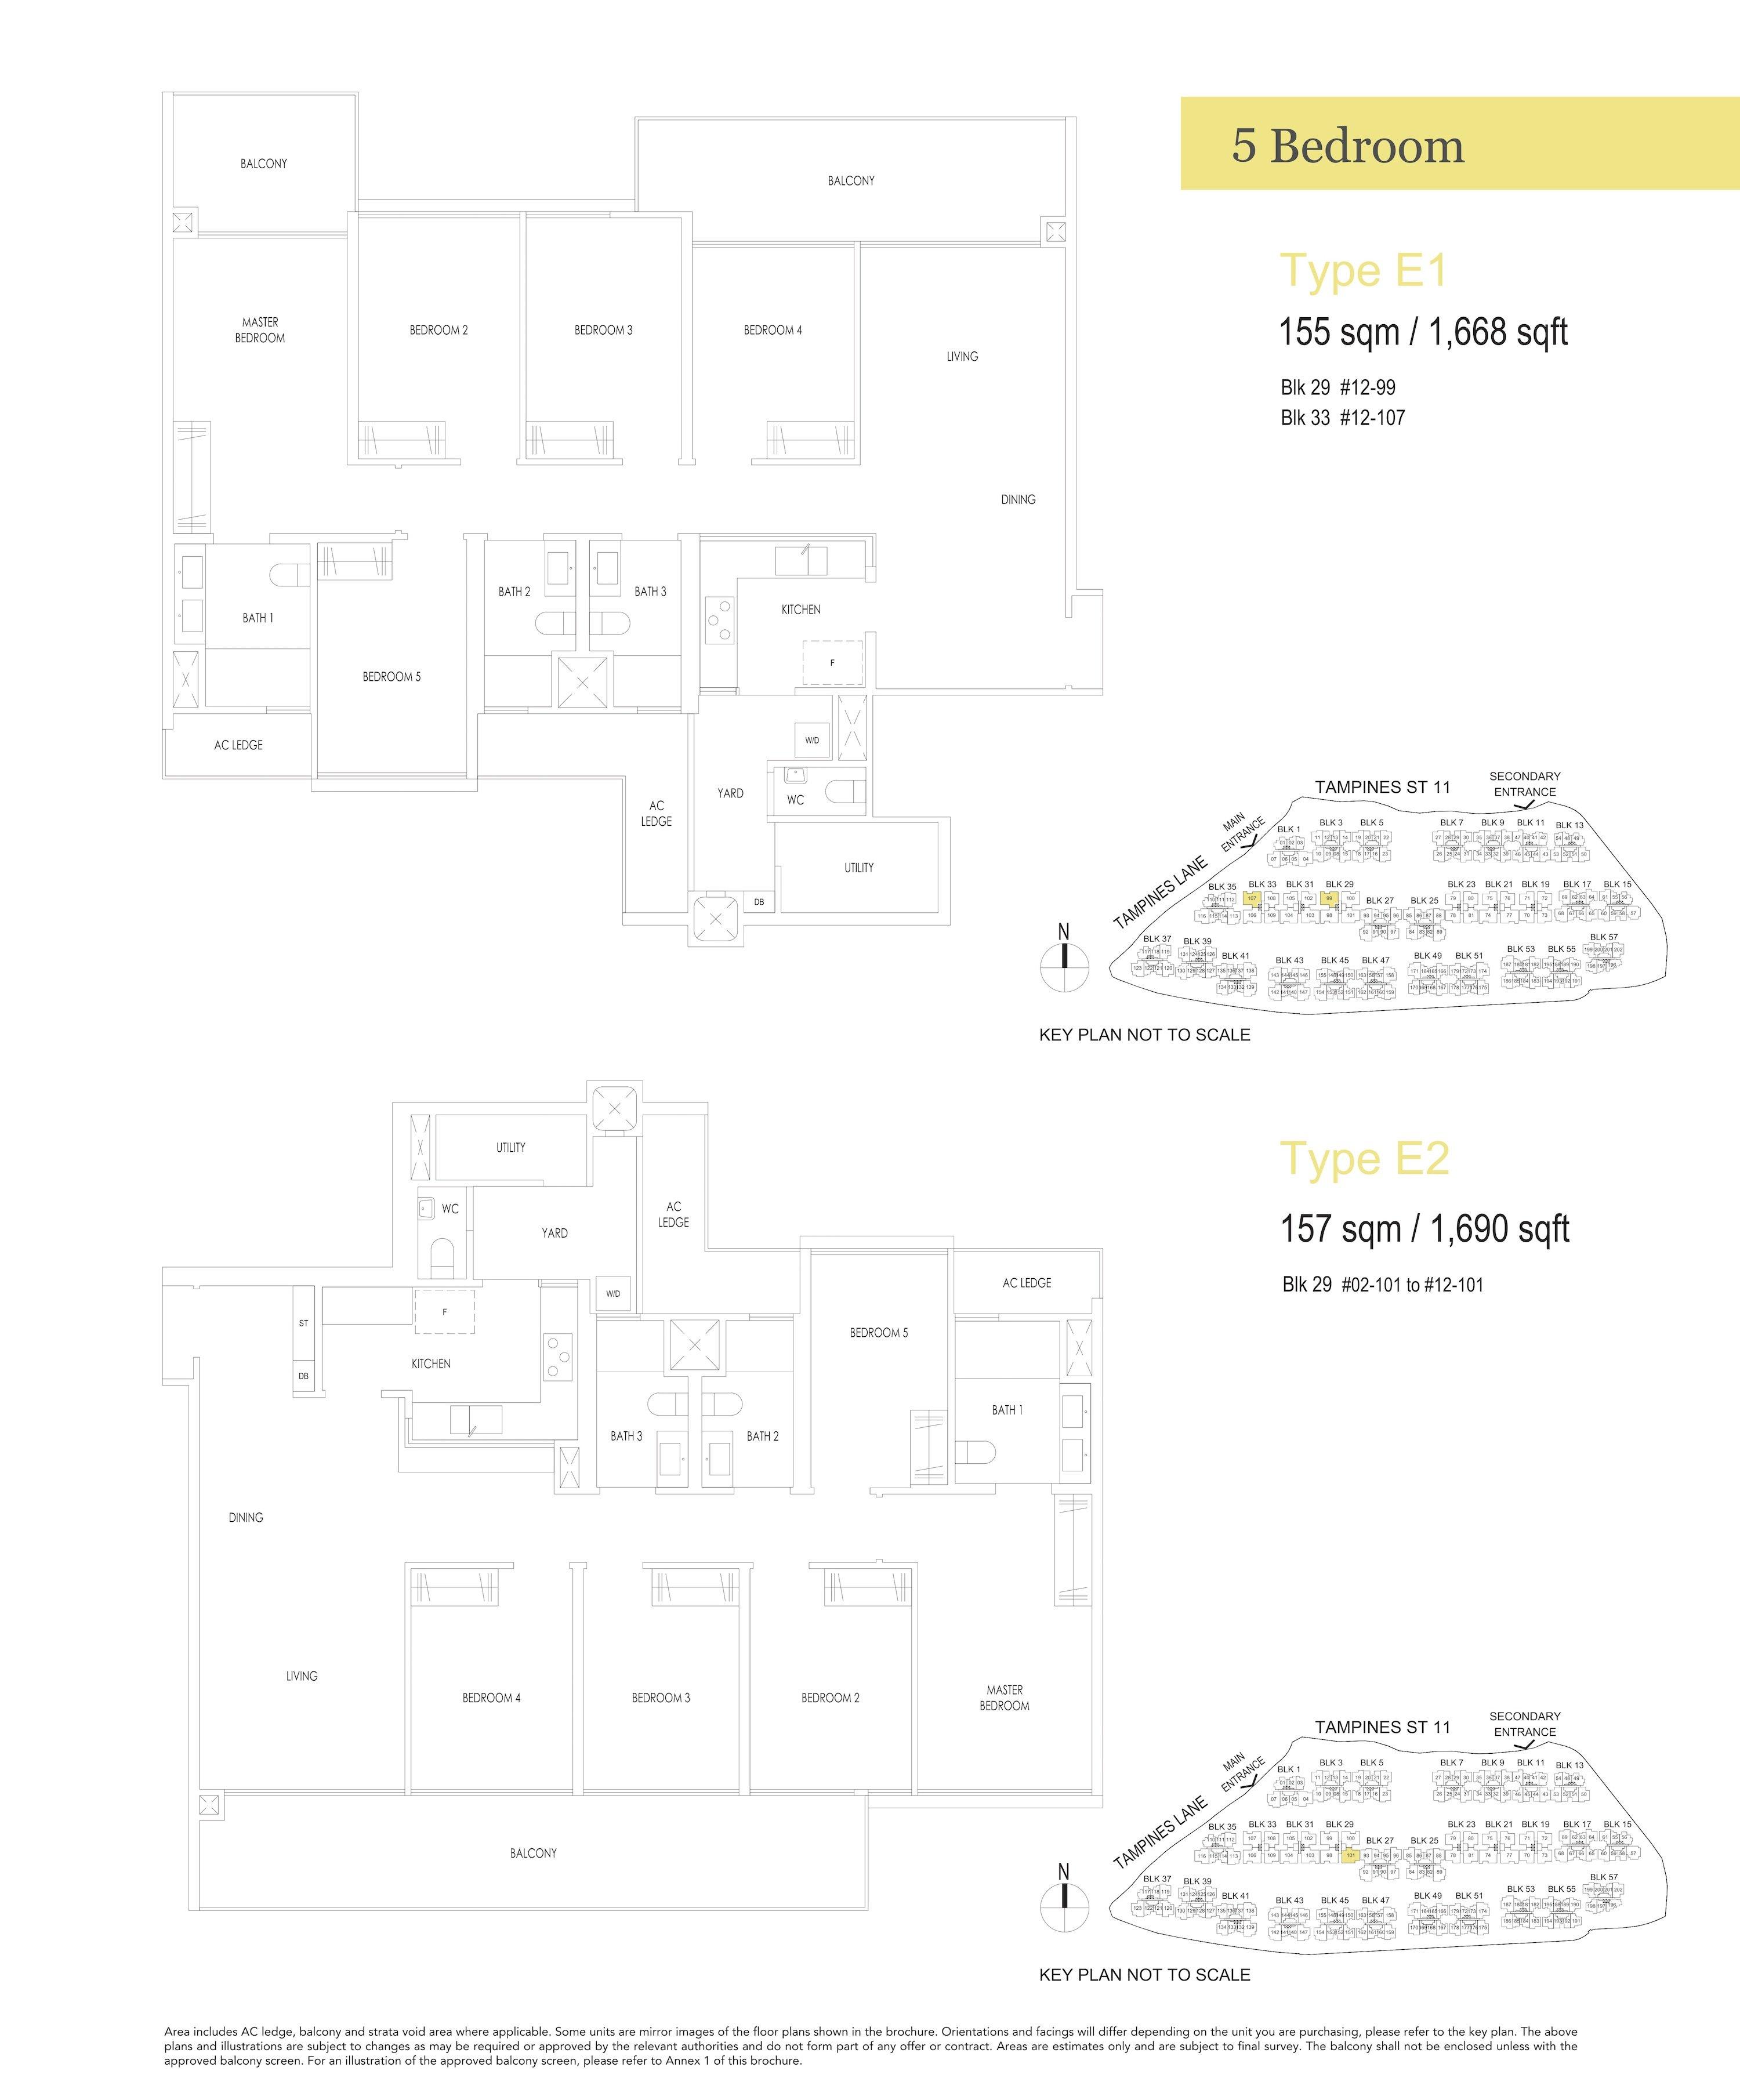 Treasure At Tampines 聚宝园 5-bedroom 5卧房 E1 E2